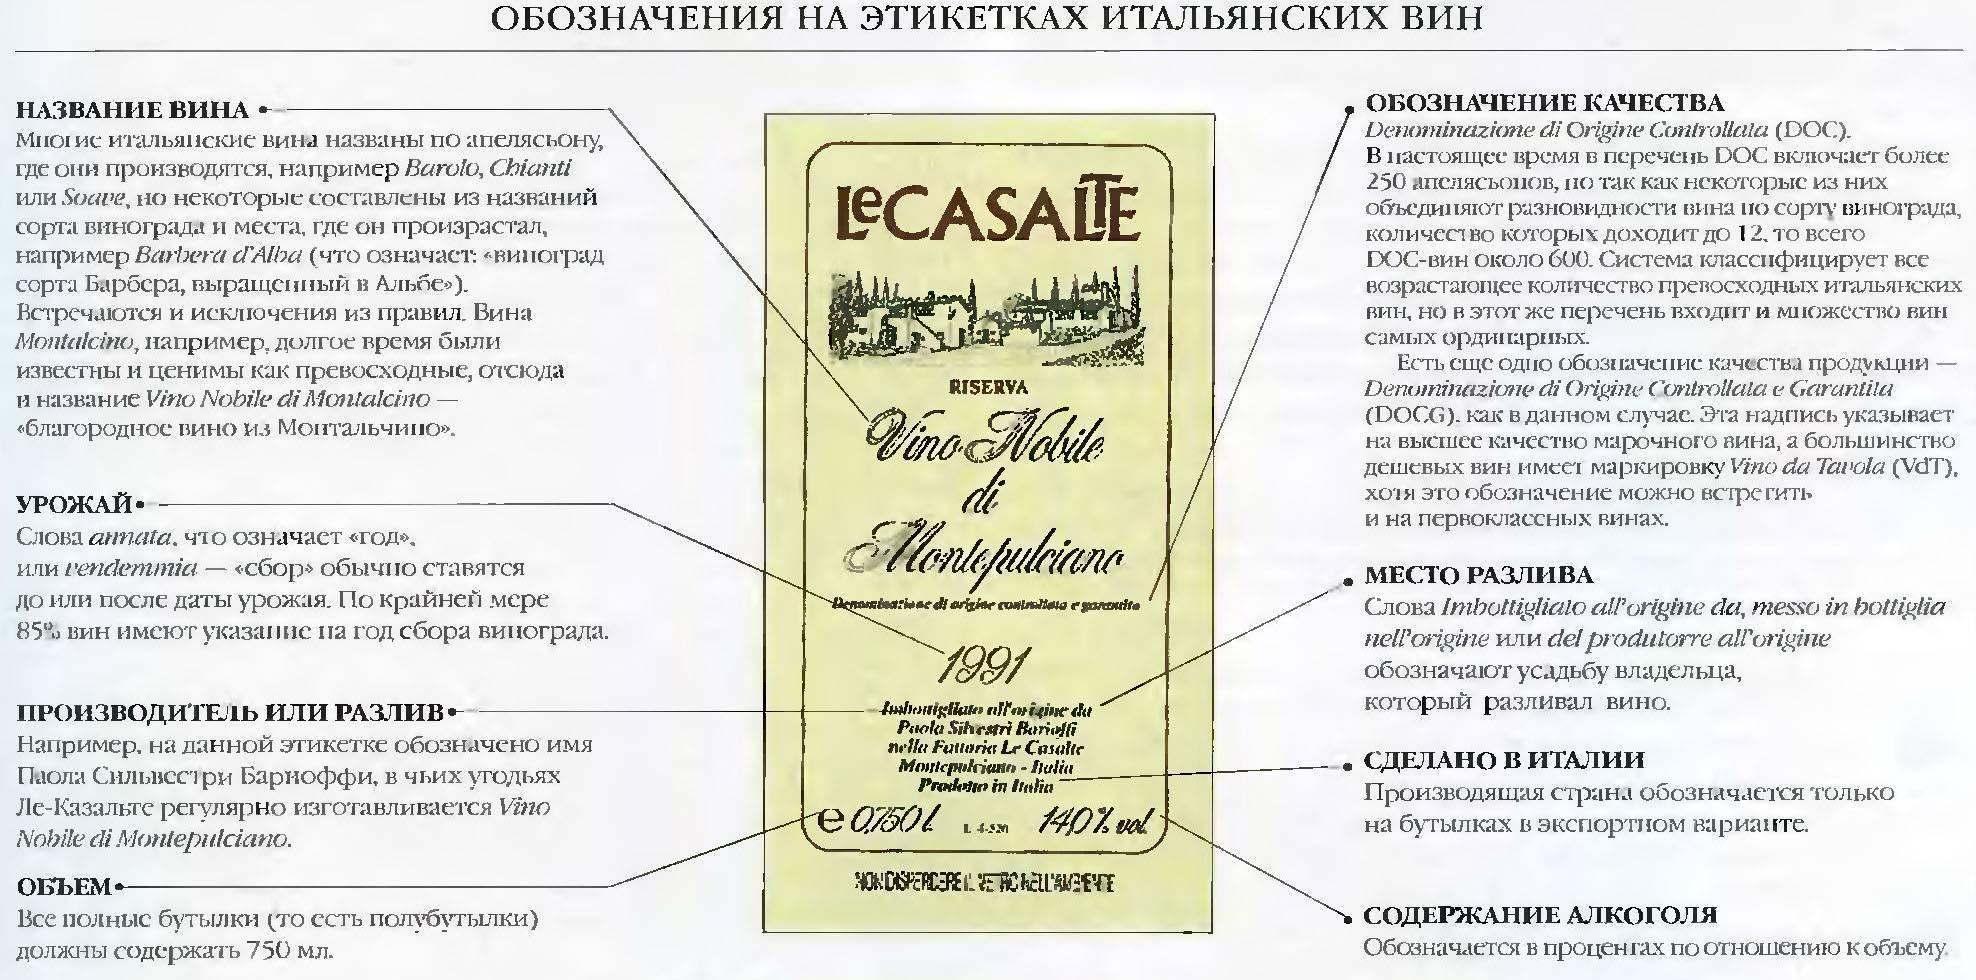 Сорта винограда для вина – выбираем по устойчивости к морозам